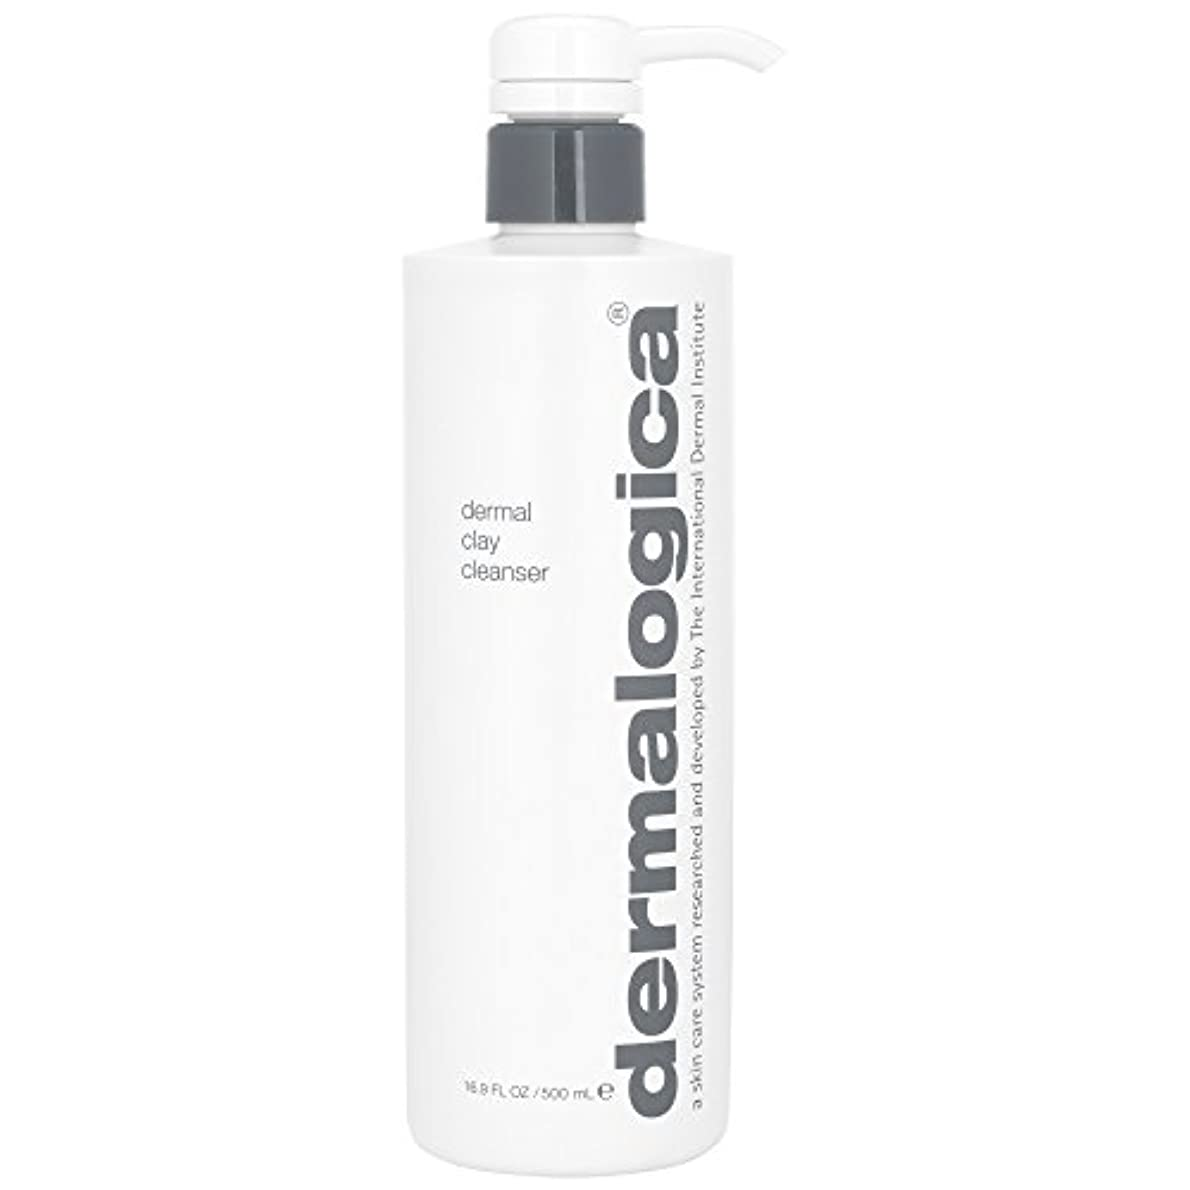 スラックライム主張ダーマロジカ真皮クレイクレンザー500ミリリットル (Dermalogica) - Dermalogica Dermal Clay Cleanser 500ml [並行輸入品]